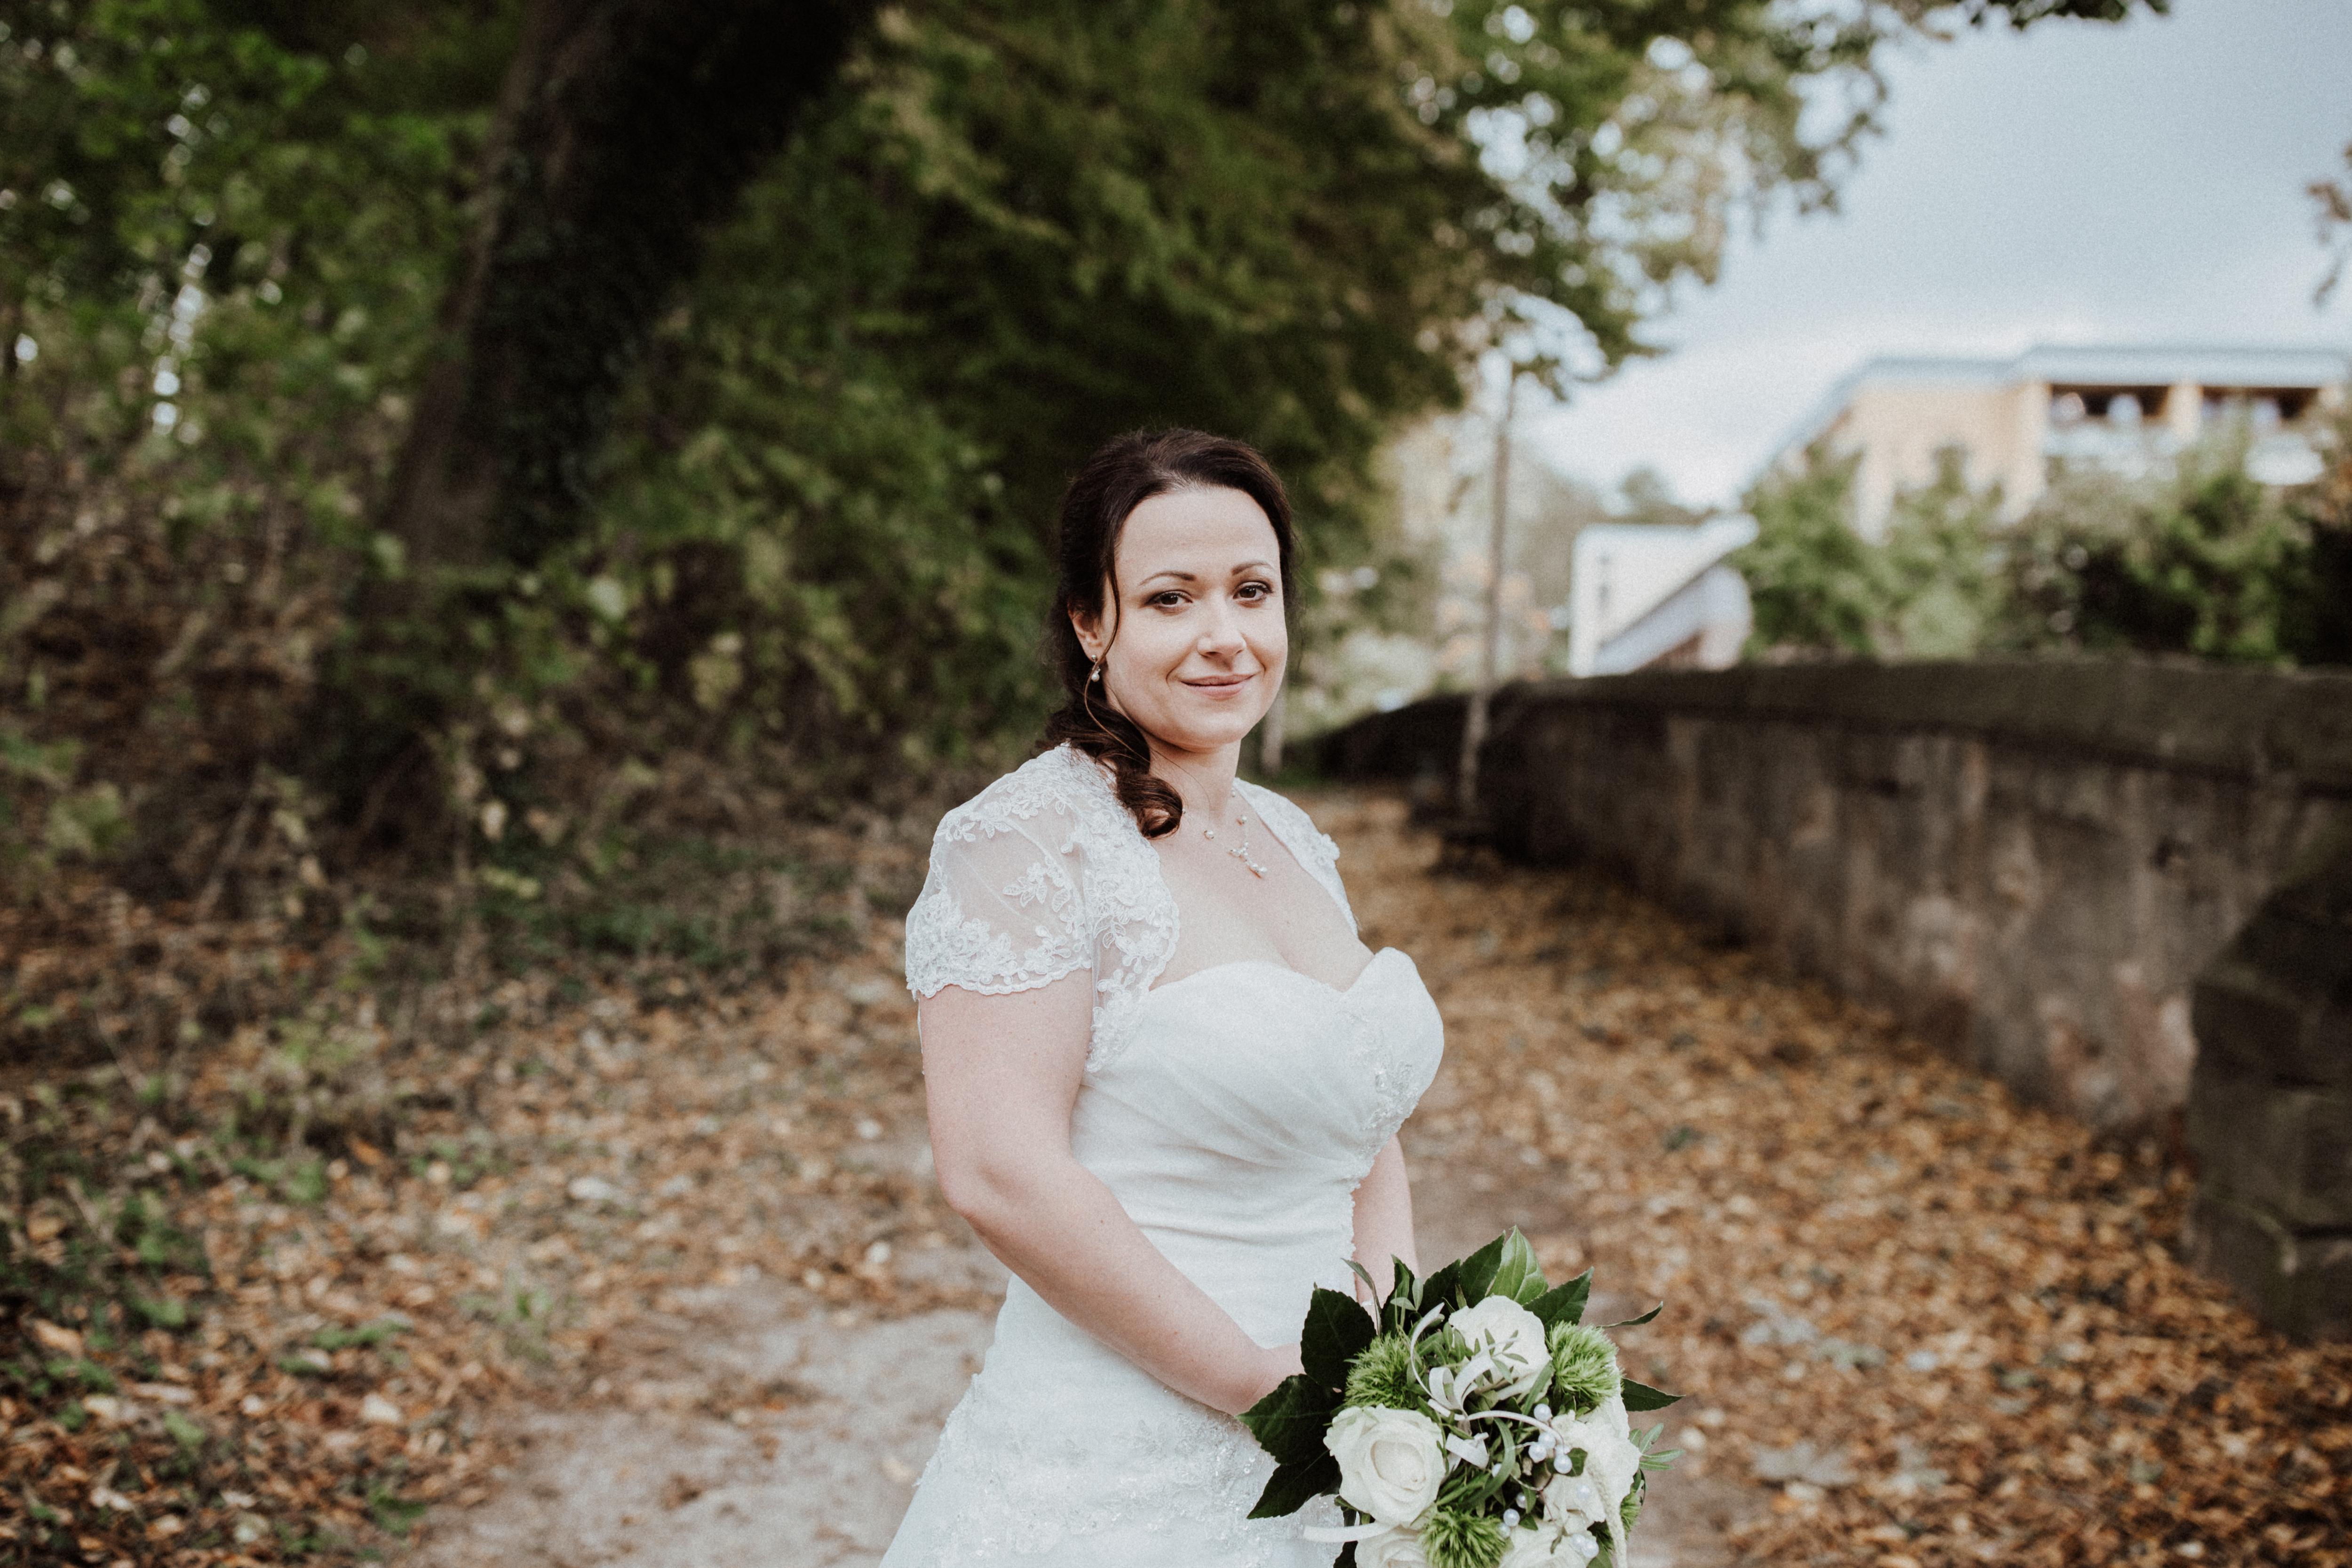 URBANERIE_Daniela_Goth_Hochzeitsfotografin_Nürnberg_Fürth_Erlangen_Schwabach_171007_0789